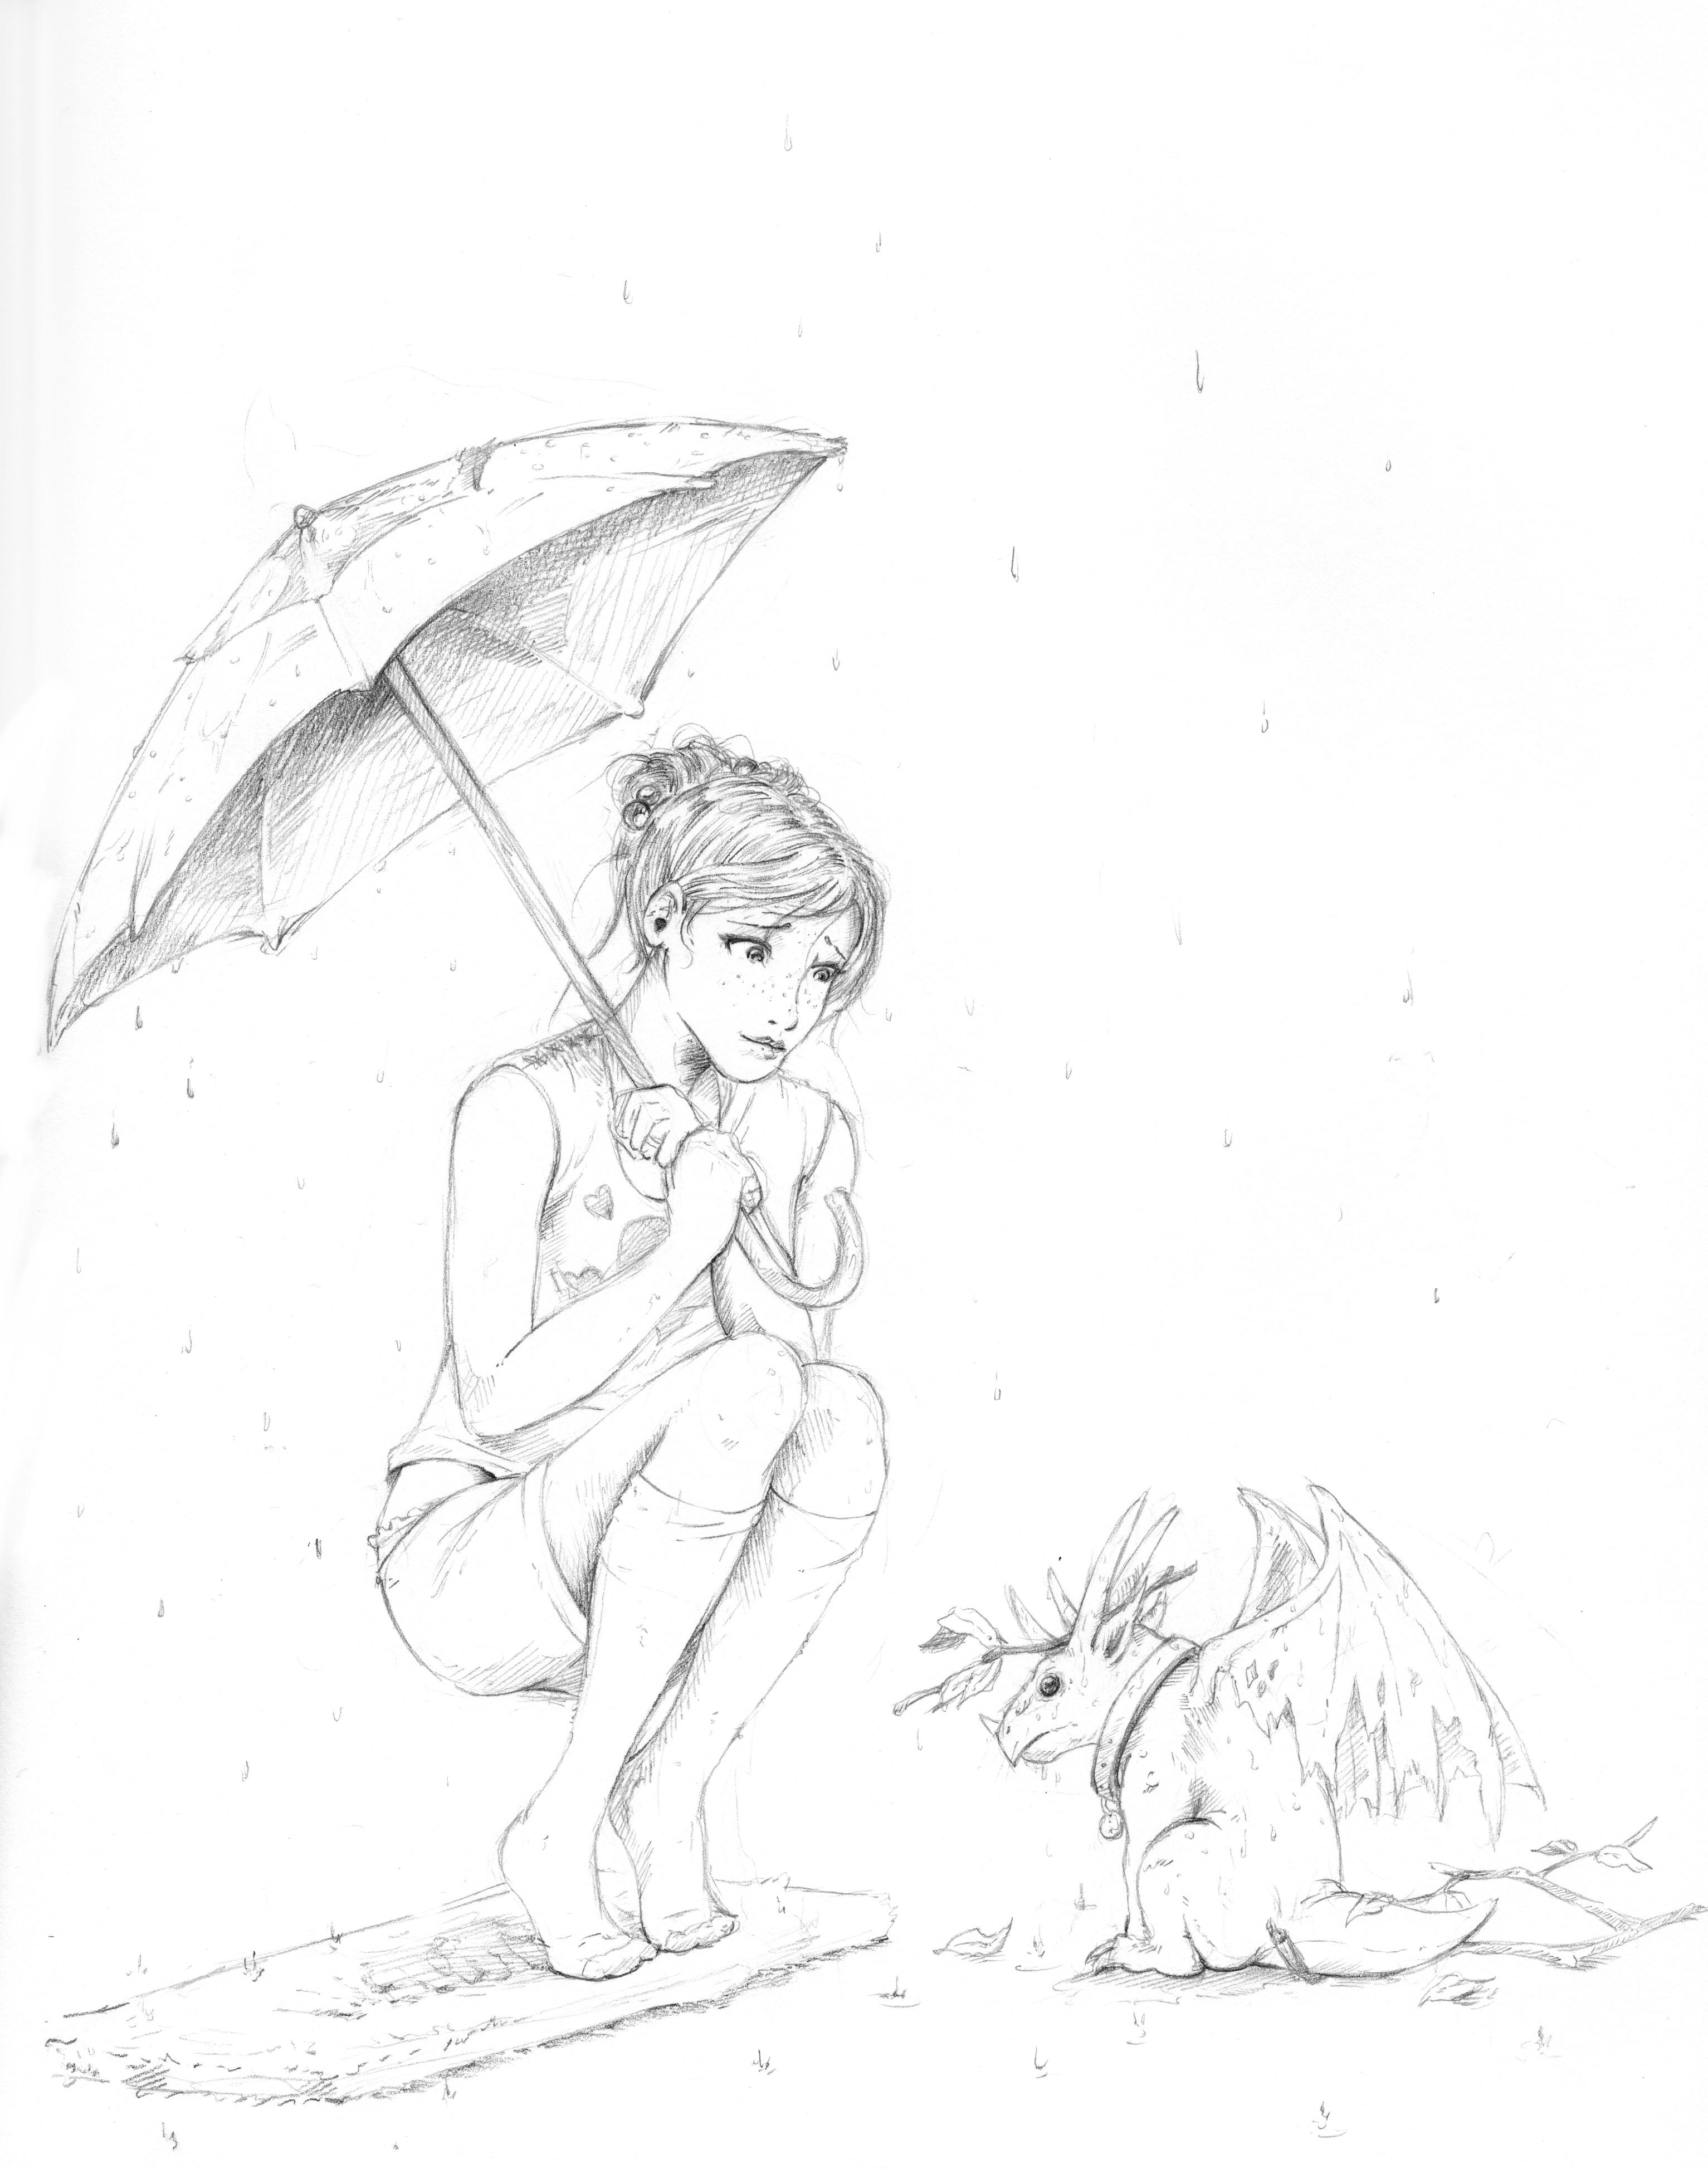 Raining Dragons